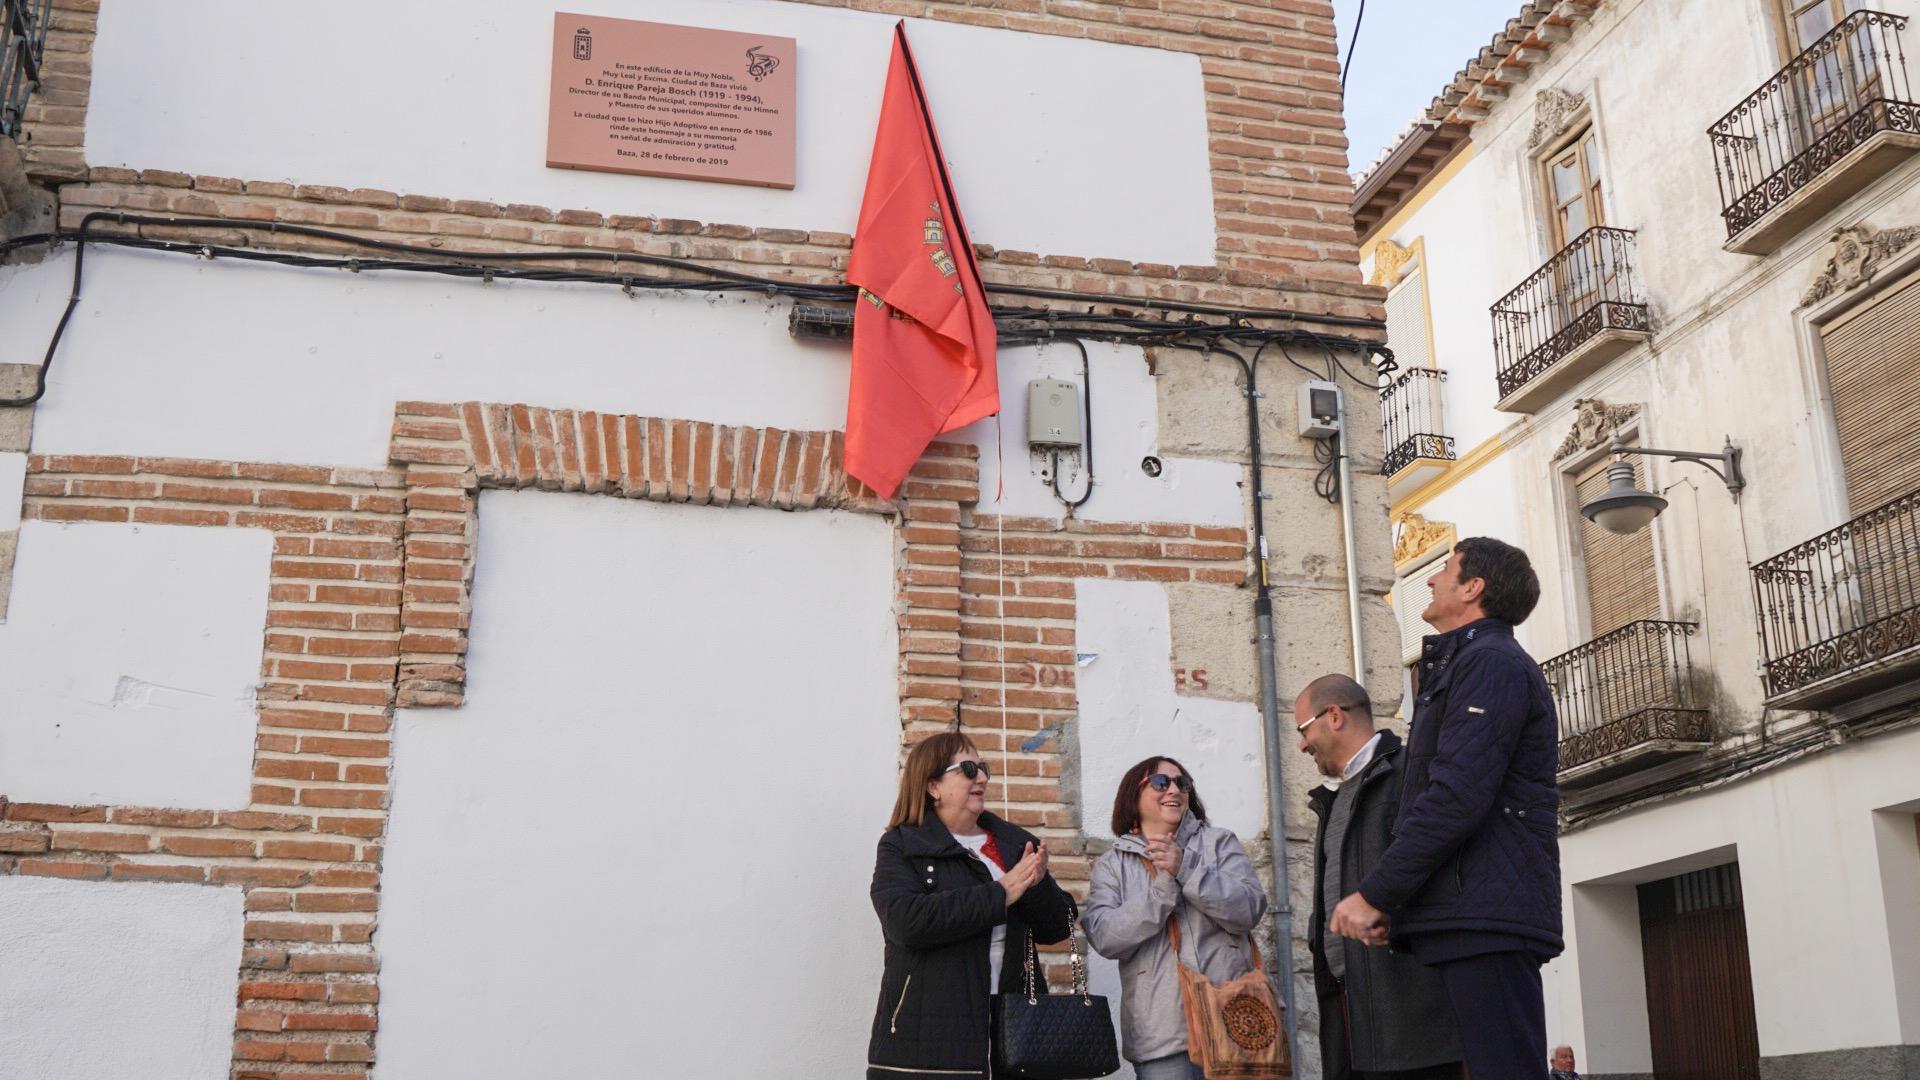 Descubrimiento de placa en honor a Enrique Pareja en Baza